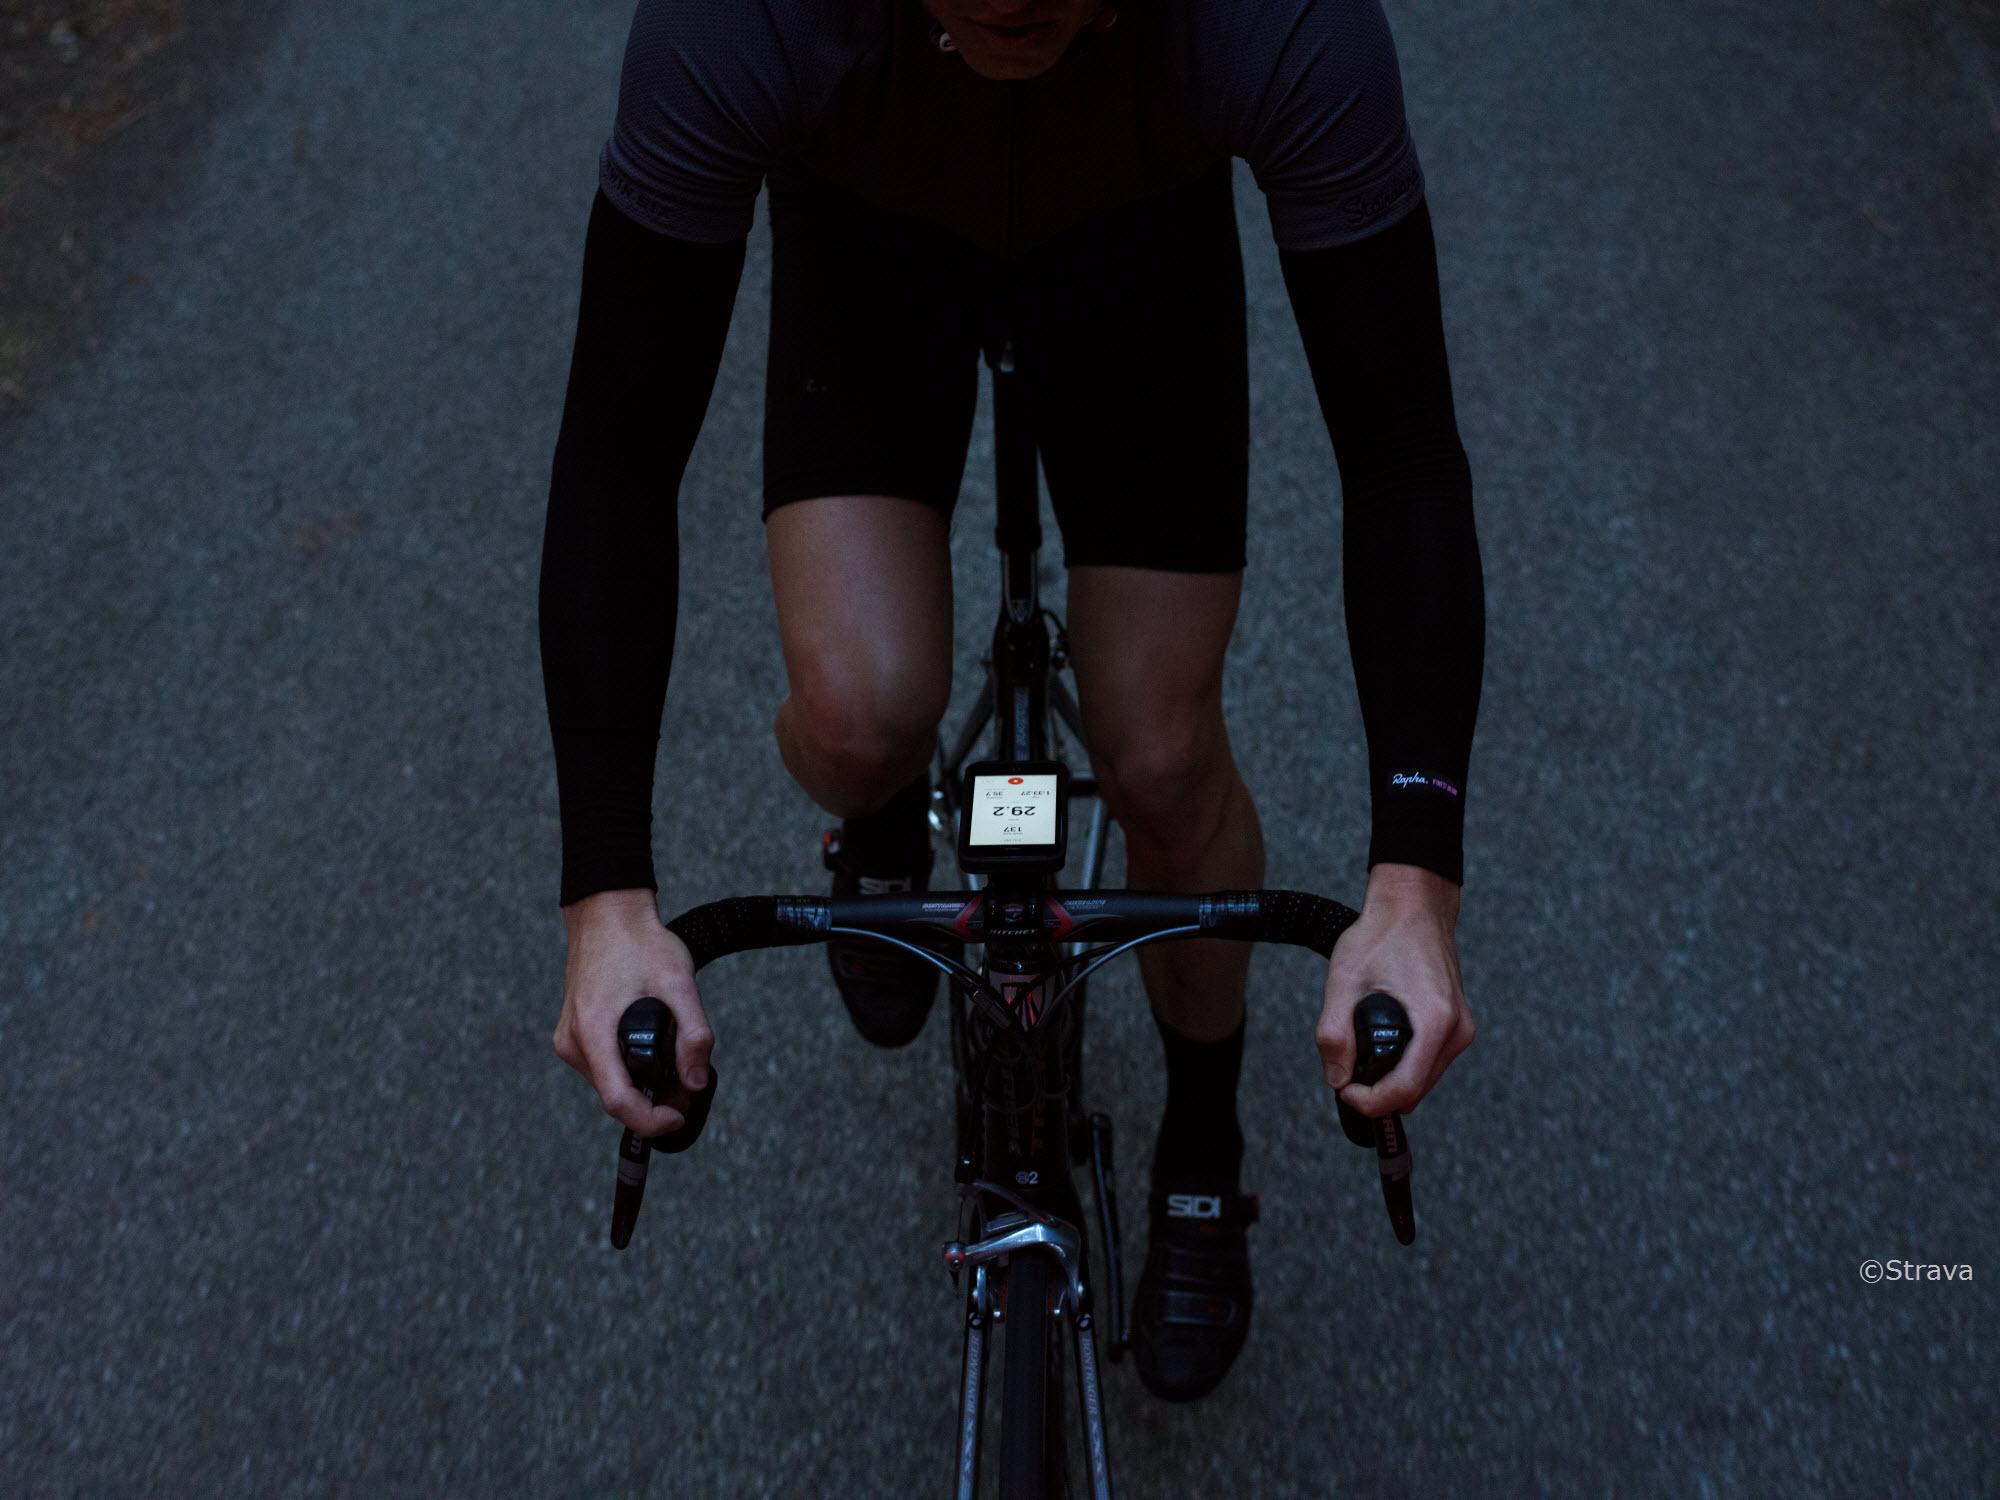 Strava, le réseau social qui rend les cyclistes accros